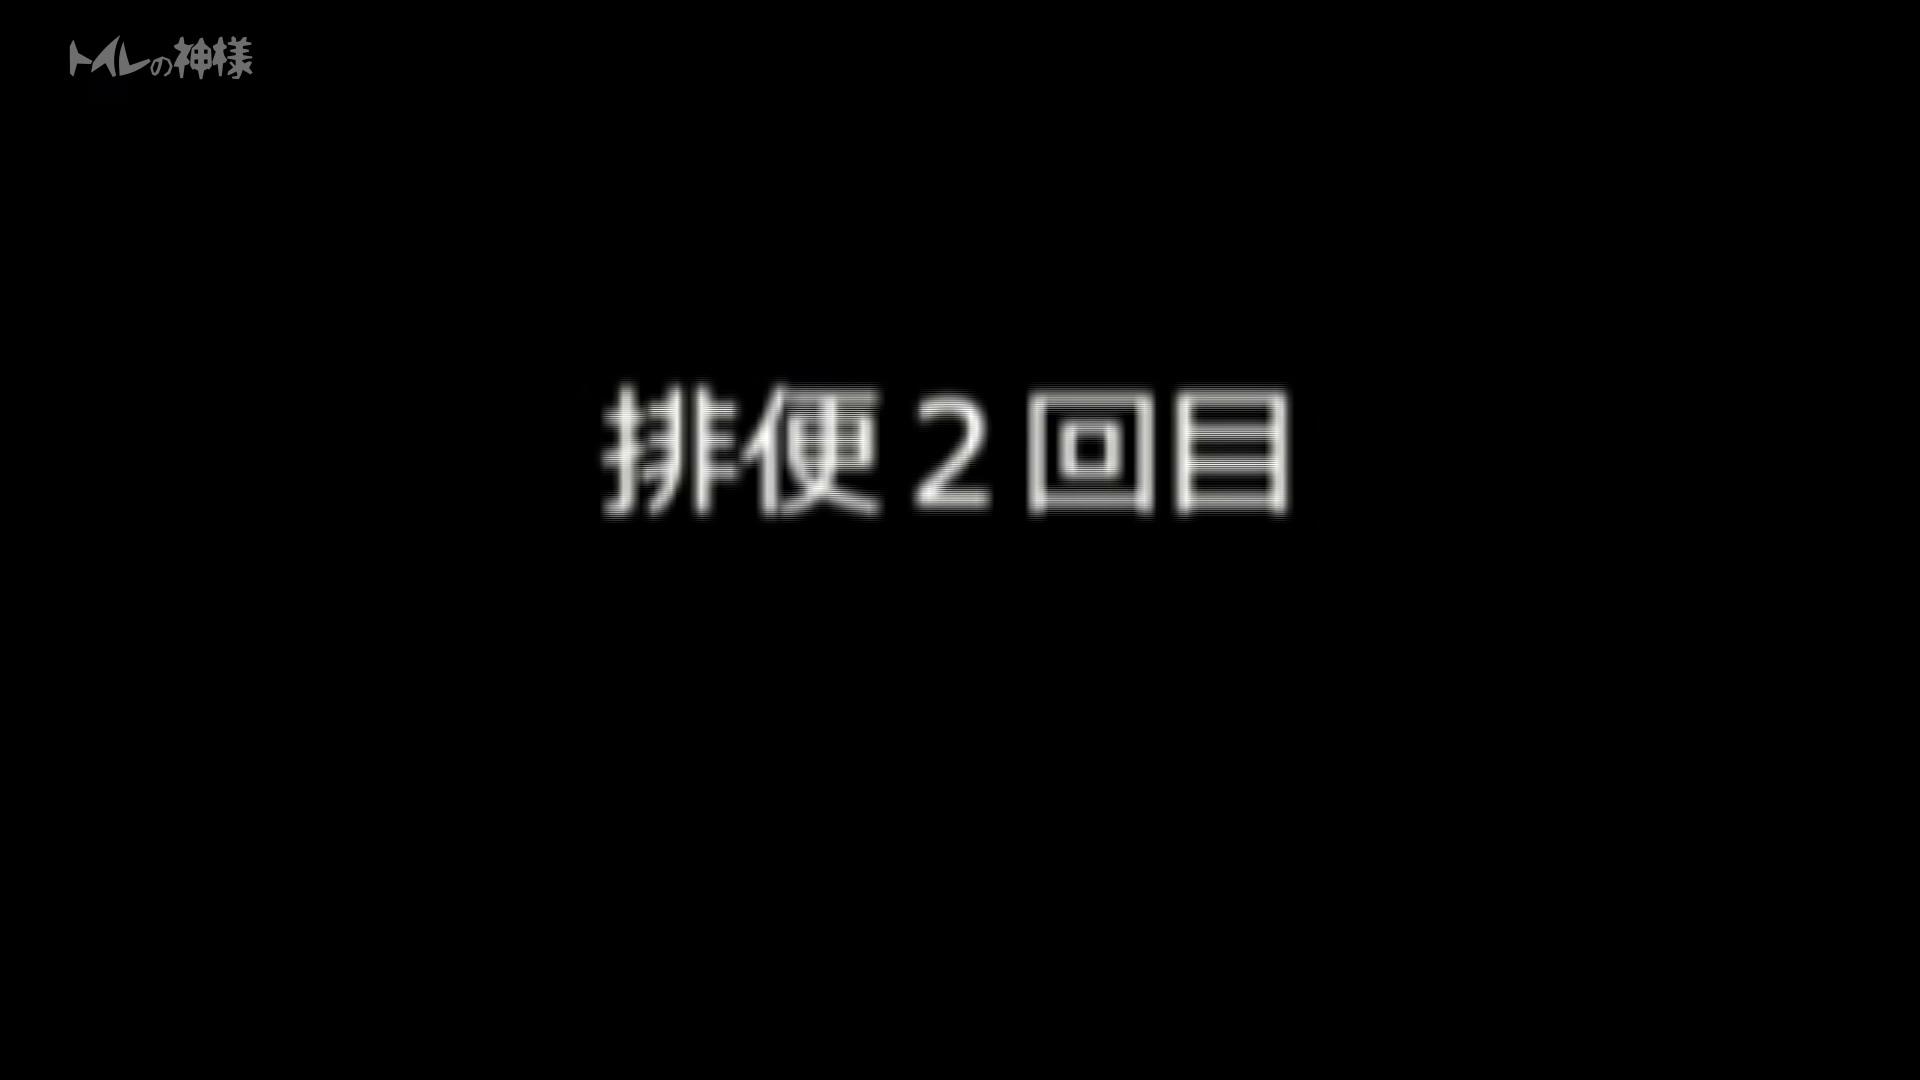 トイレの神様 Vol.03 彼女のうんち隠し撮り 丸見え セックス無修正動画無料 111枚 97